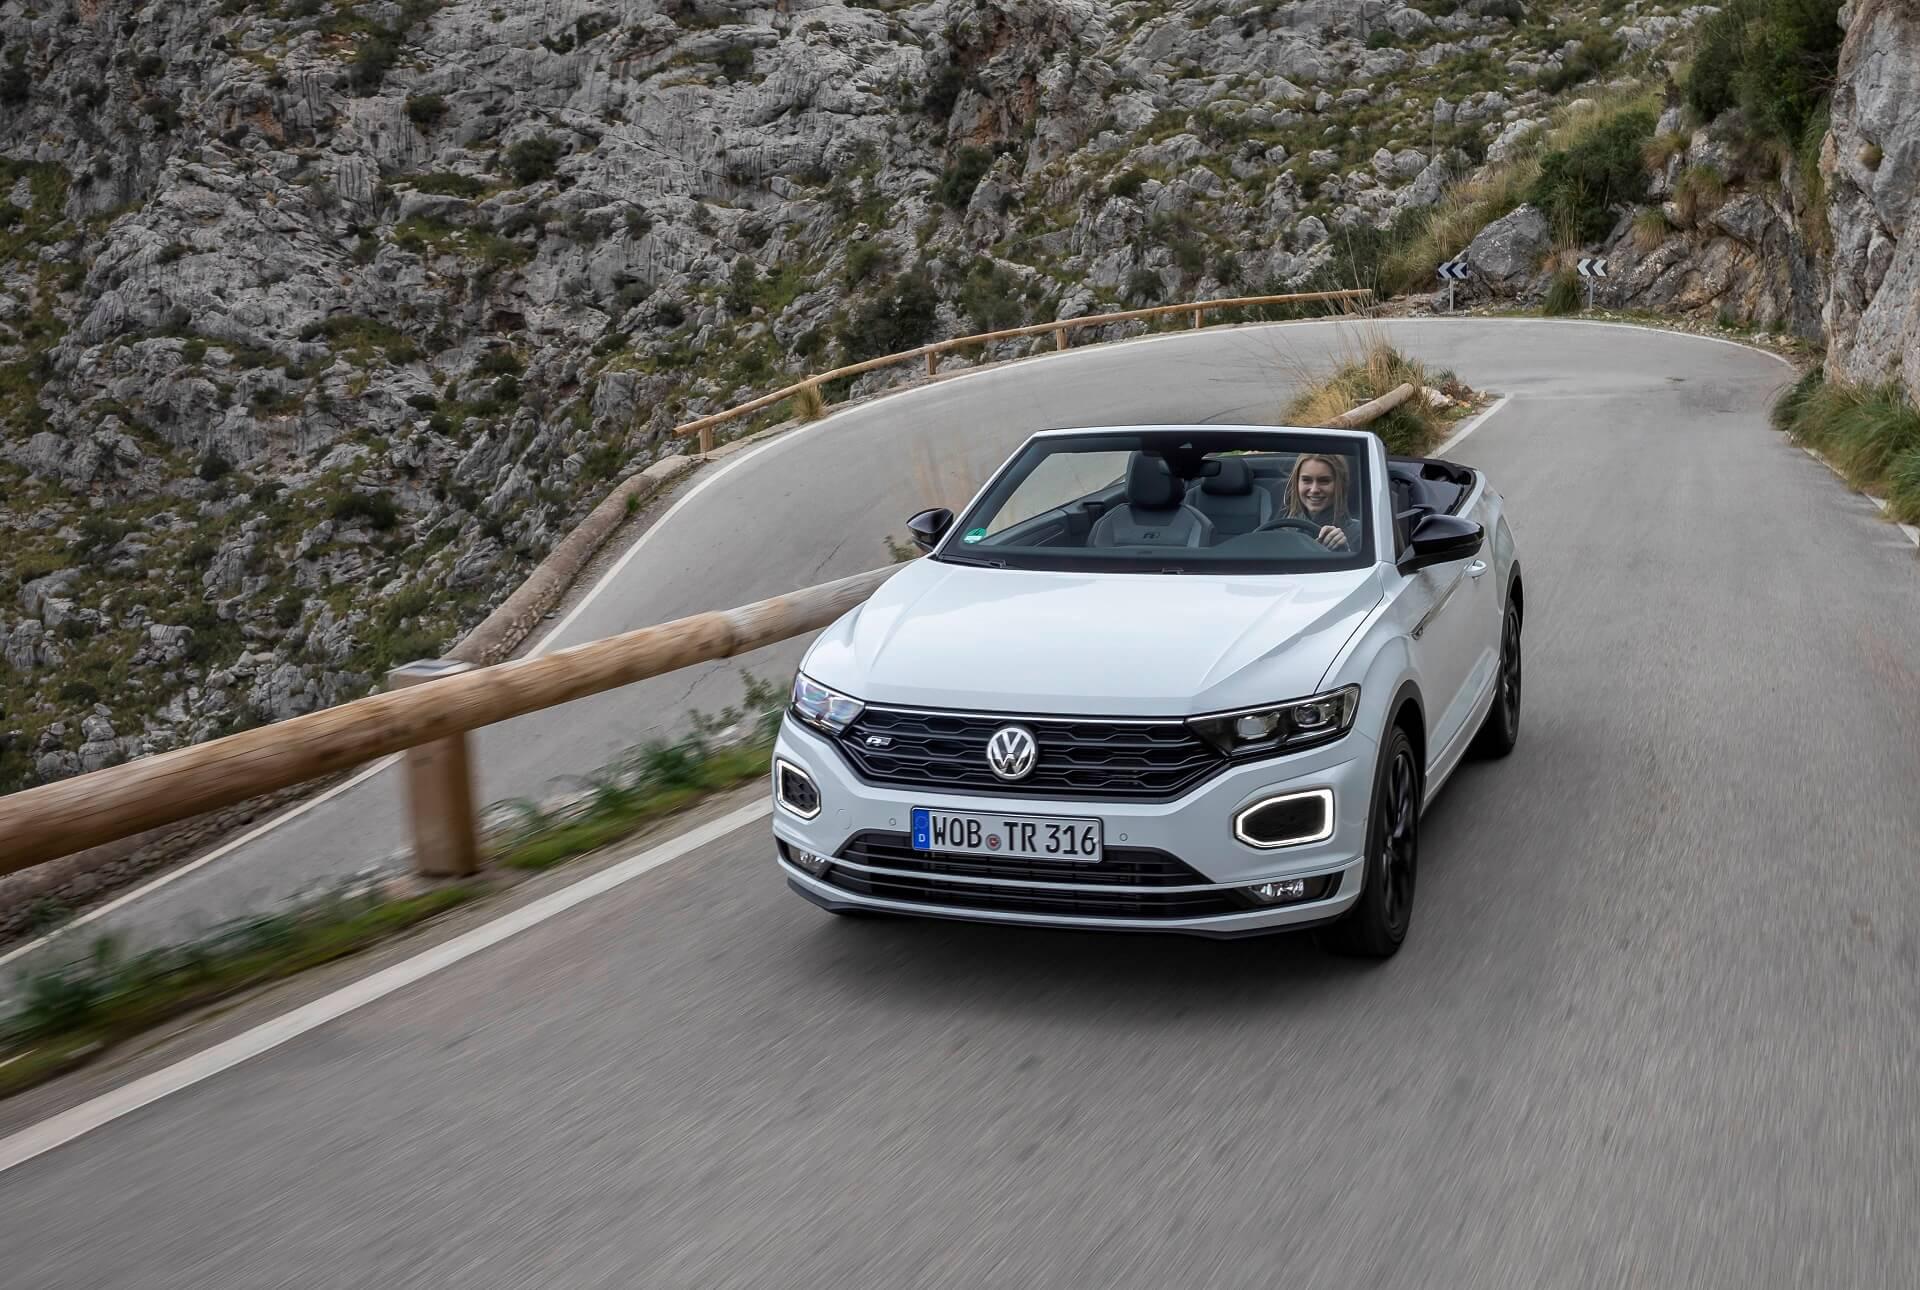 Volkswagen T-Roc Cabriolet σε κίνηση - Εμπρός όψη